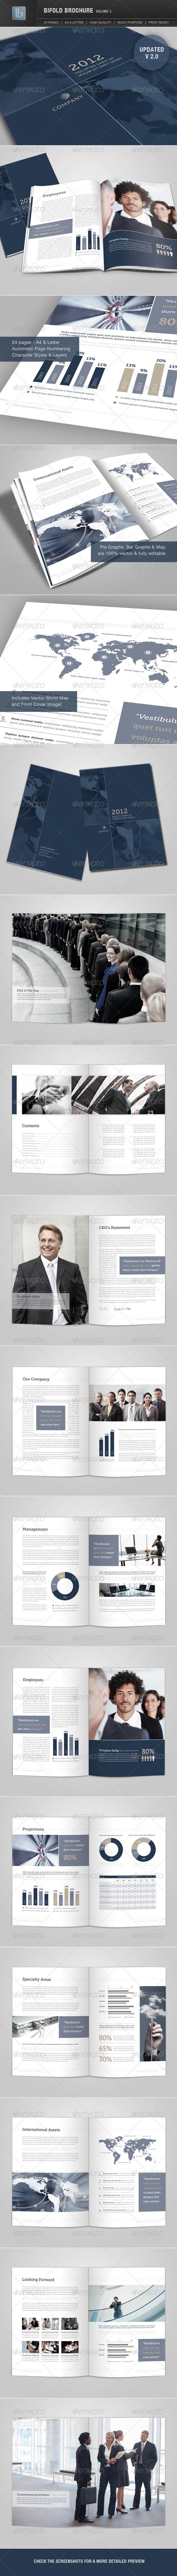 Bifold Brochure | Volume 3 - Corporate Brochures